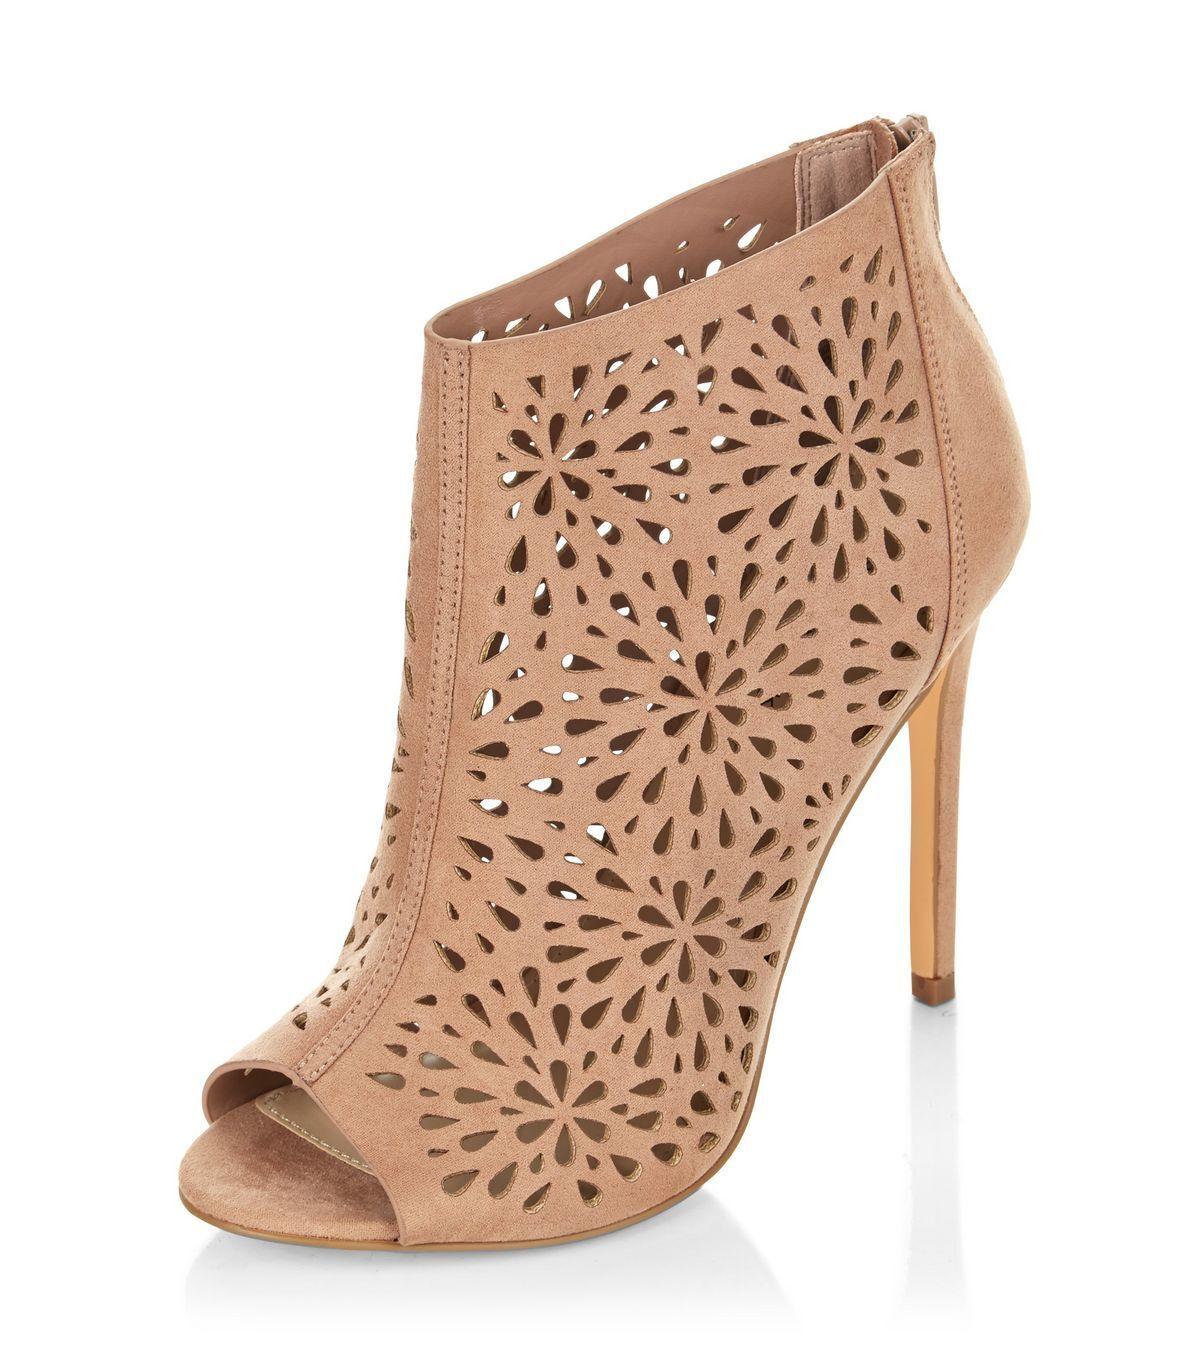 New Look Pink High Heels Pink Suedette Peep Toe with Zip High Heels Size 5 NEW